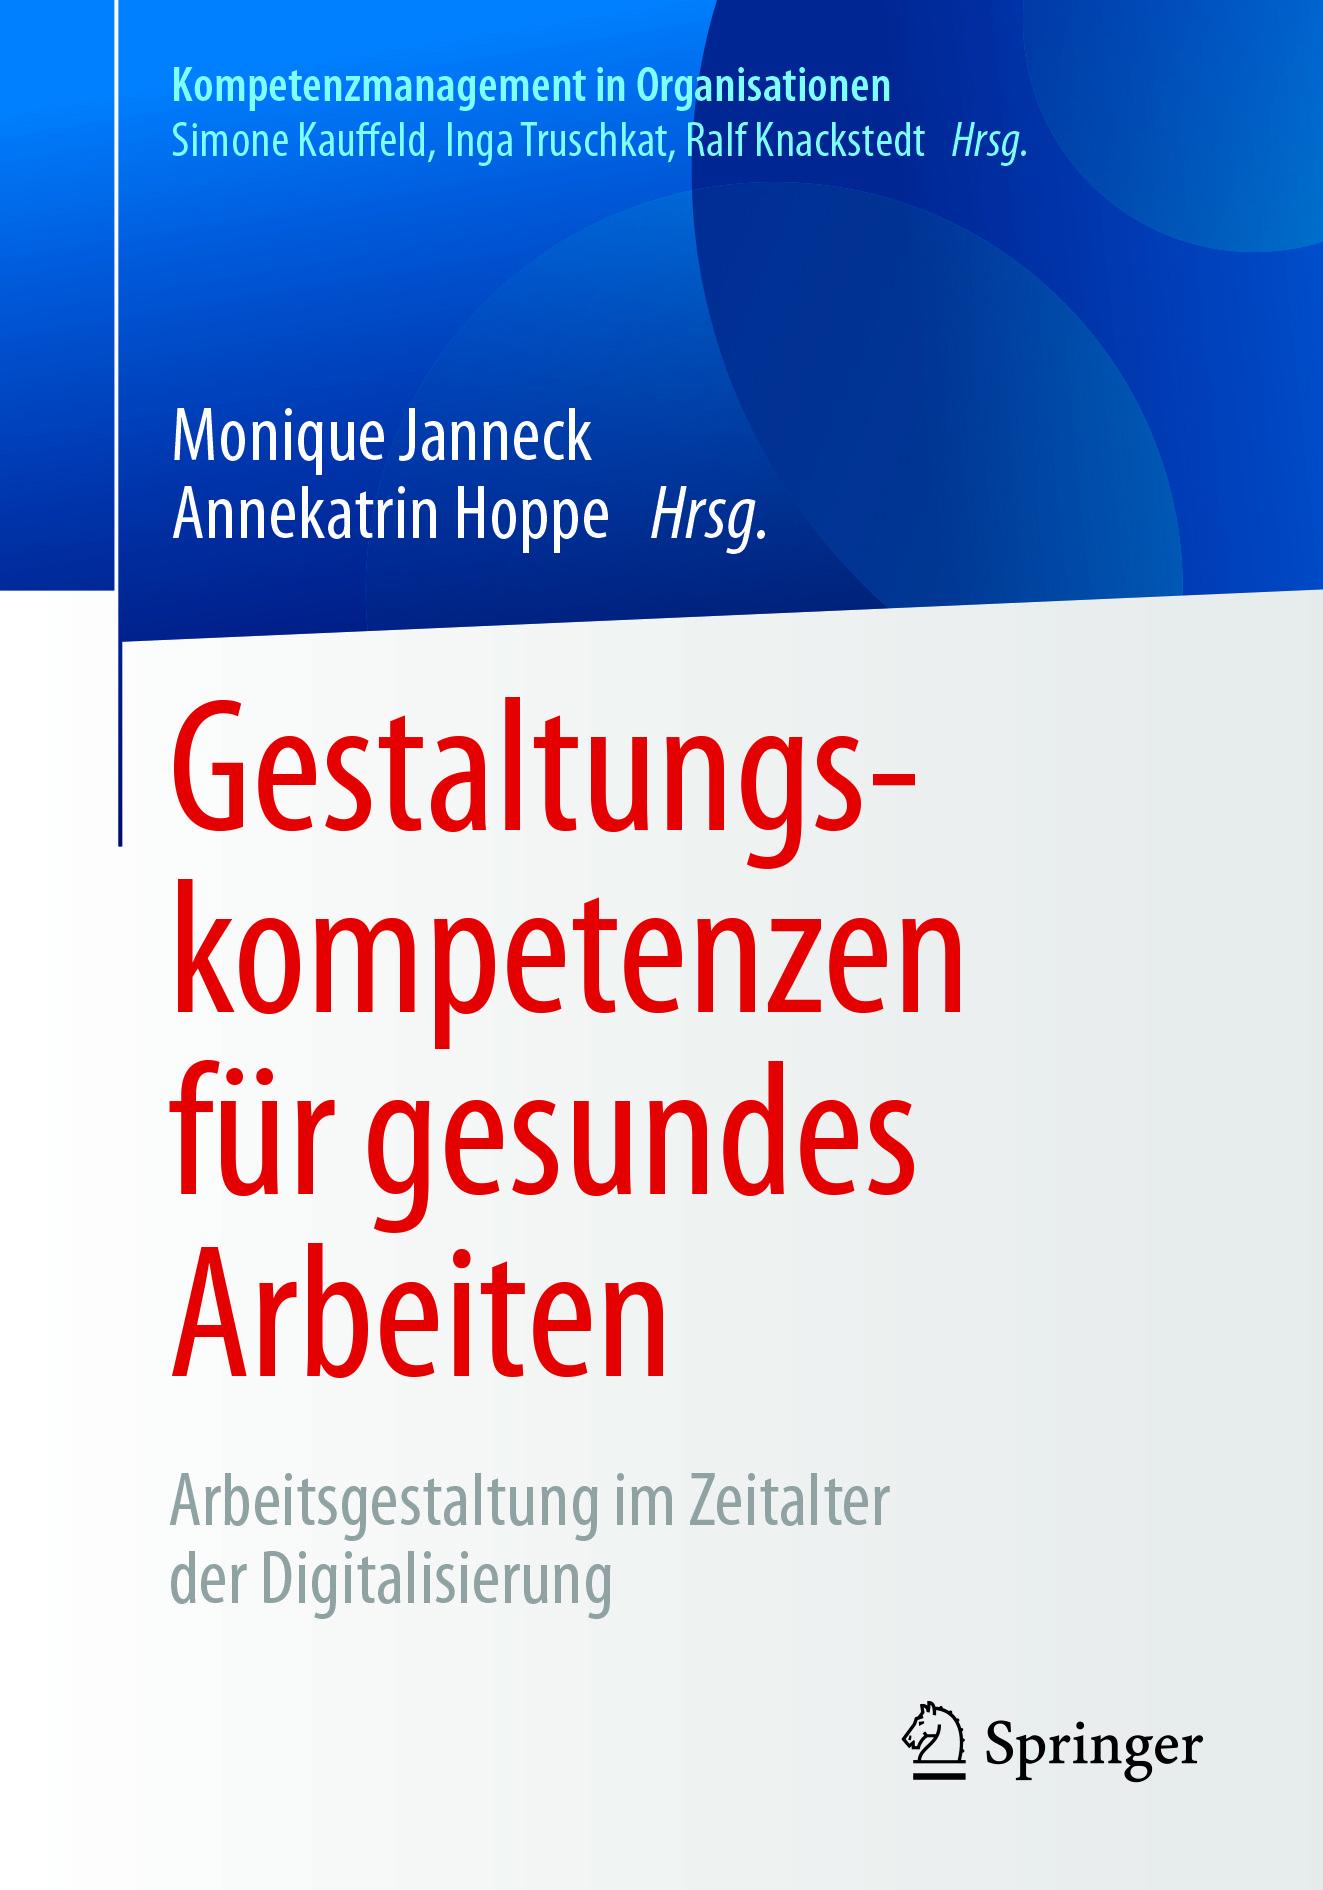 Hoppe, Annekatrin - Gestaltungskompetenzen für gesundes Arbeiten, ebook